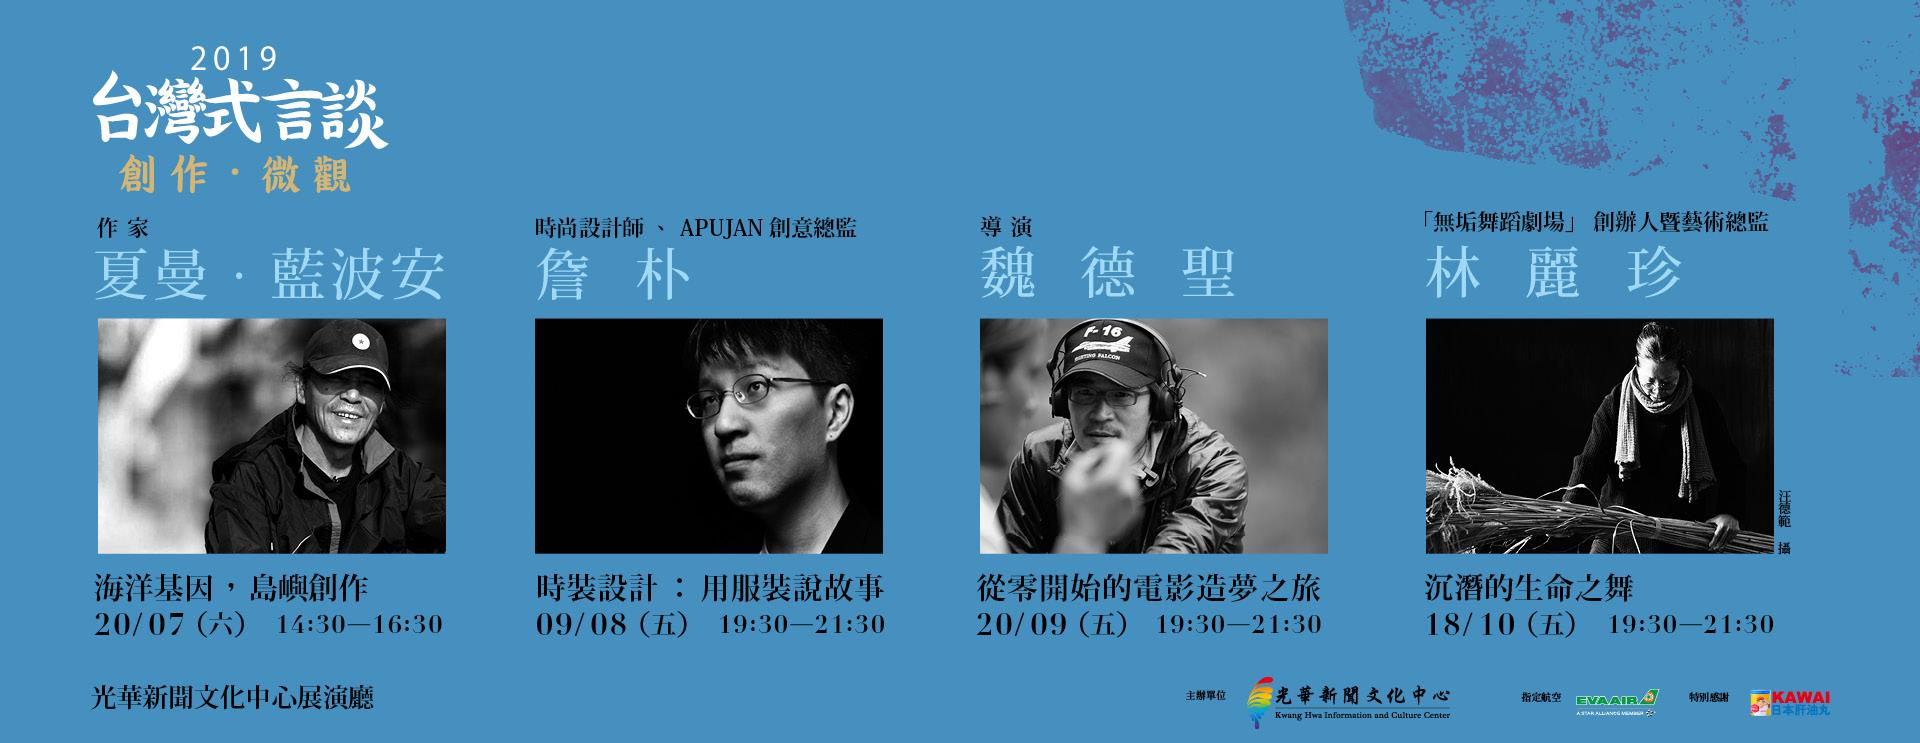 2019台灣式言談系列二